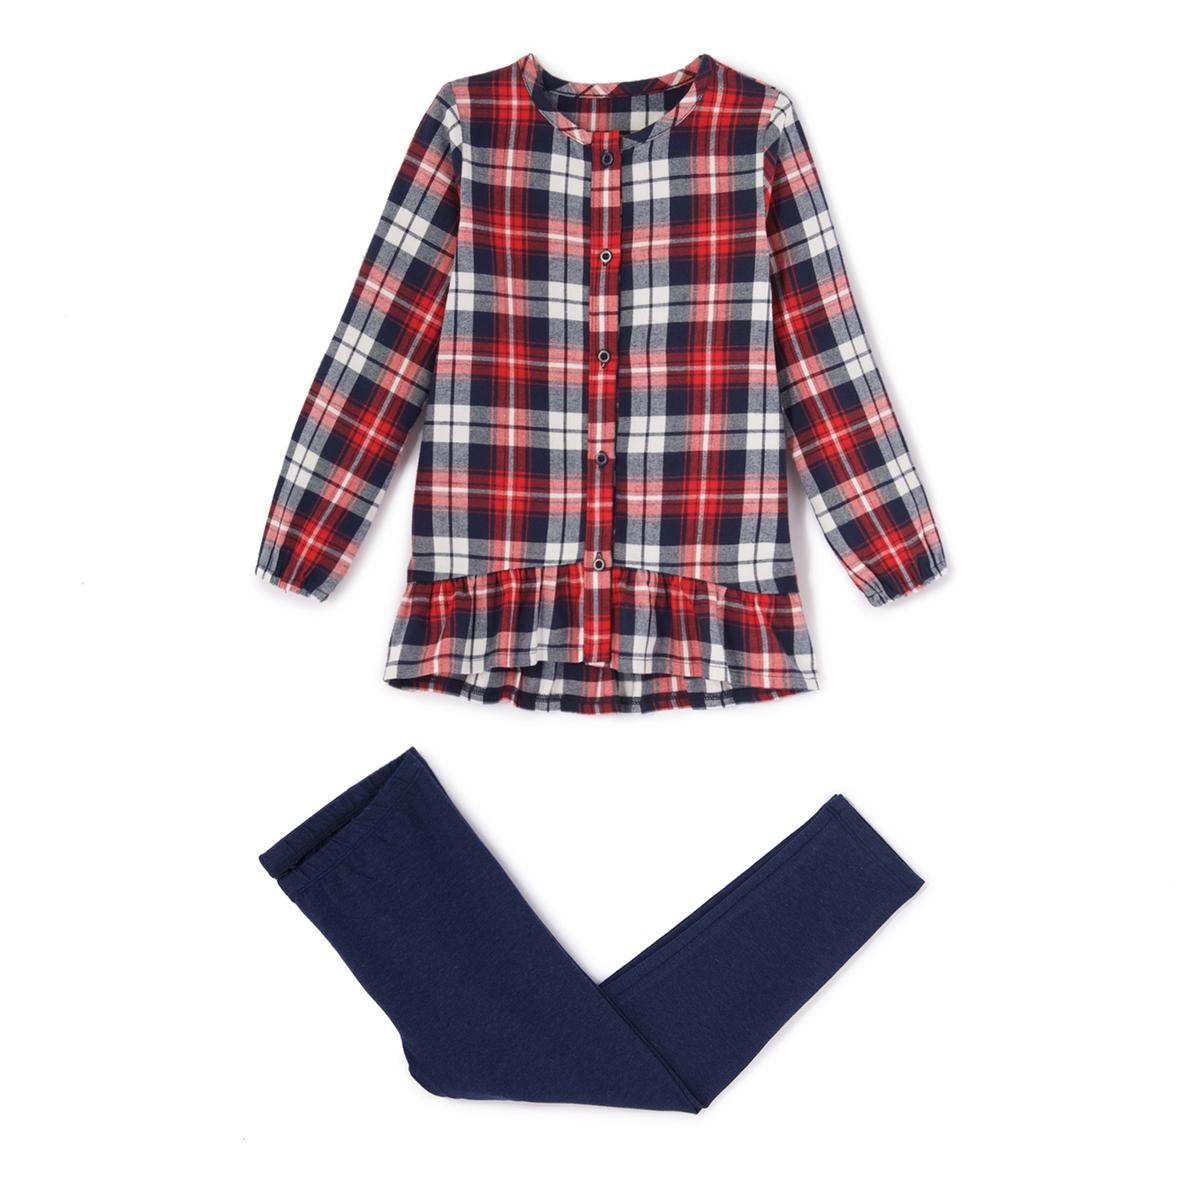 Пижама в клетку, 2-12 летПижама: удлиненная рубашка с воланом и застежкой на пуговицы. Круглый вырез. Длинные однотонные леггинсы с эластичным поясом.Состав и описание :    Материал     Верх из 100% хлопка                  Леггинсы из трикотажа стрейч, 95% хлопка, 5% эластана  Уход :  Машинная стирка при 30 °C с вещами схожих цветов. Стирка и глажка с изнаночной стороны. Машинная сушка в умеренном режиме. Гладить при низкой температуре.<br><br>Цвет: в клетку<br>Размер: 12 лет -150 см.6 лет - 114 см.5 лет - 108 см.3 года - 94 см